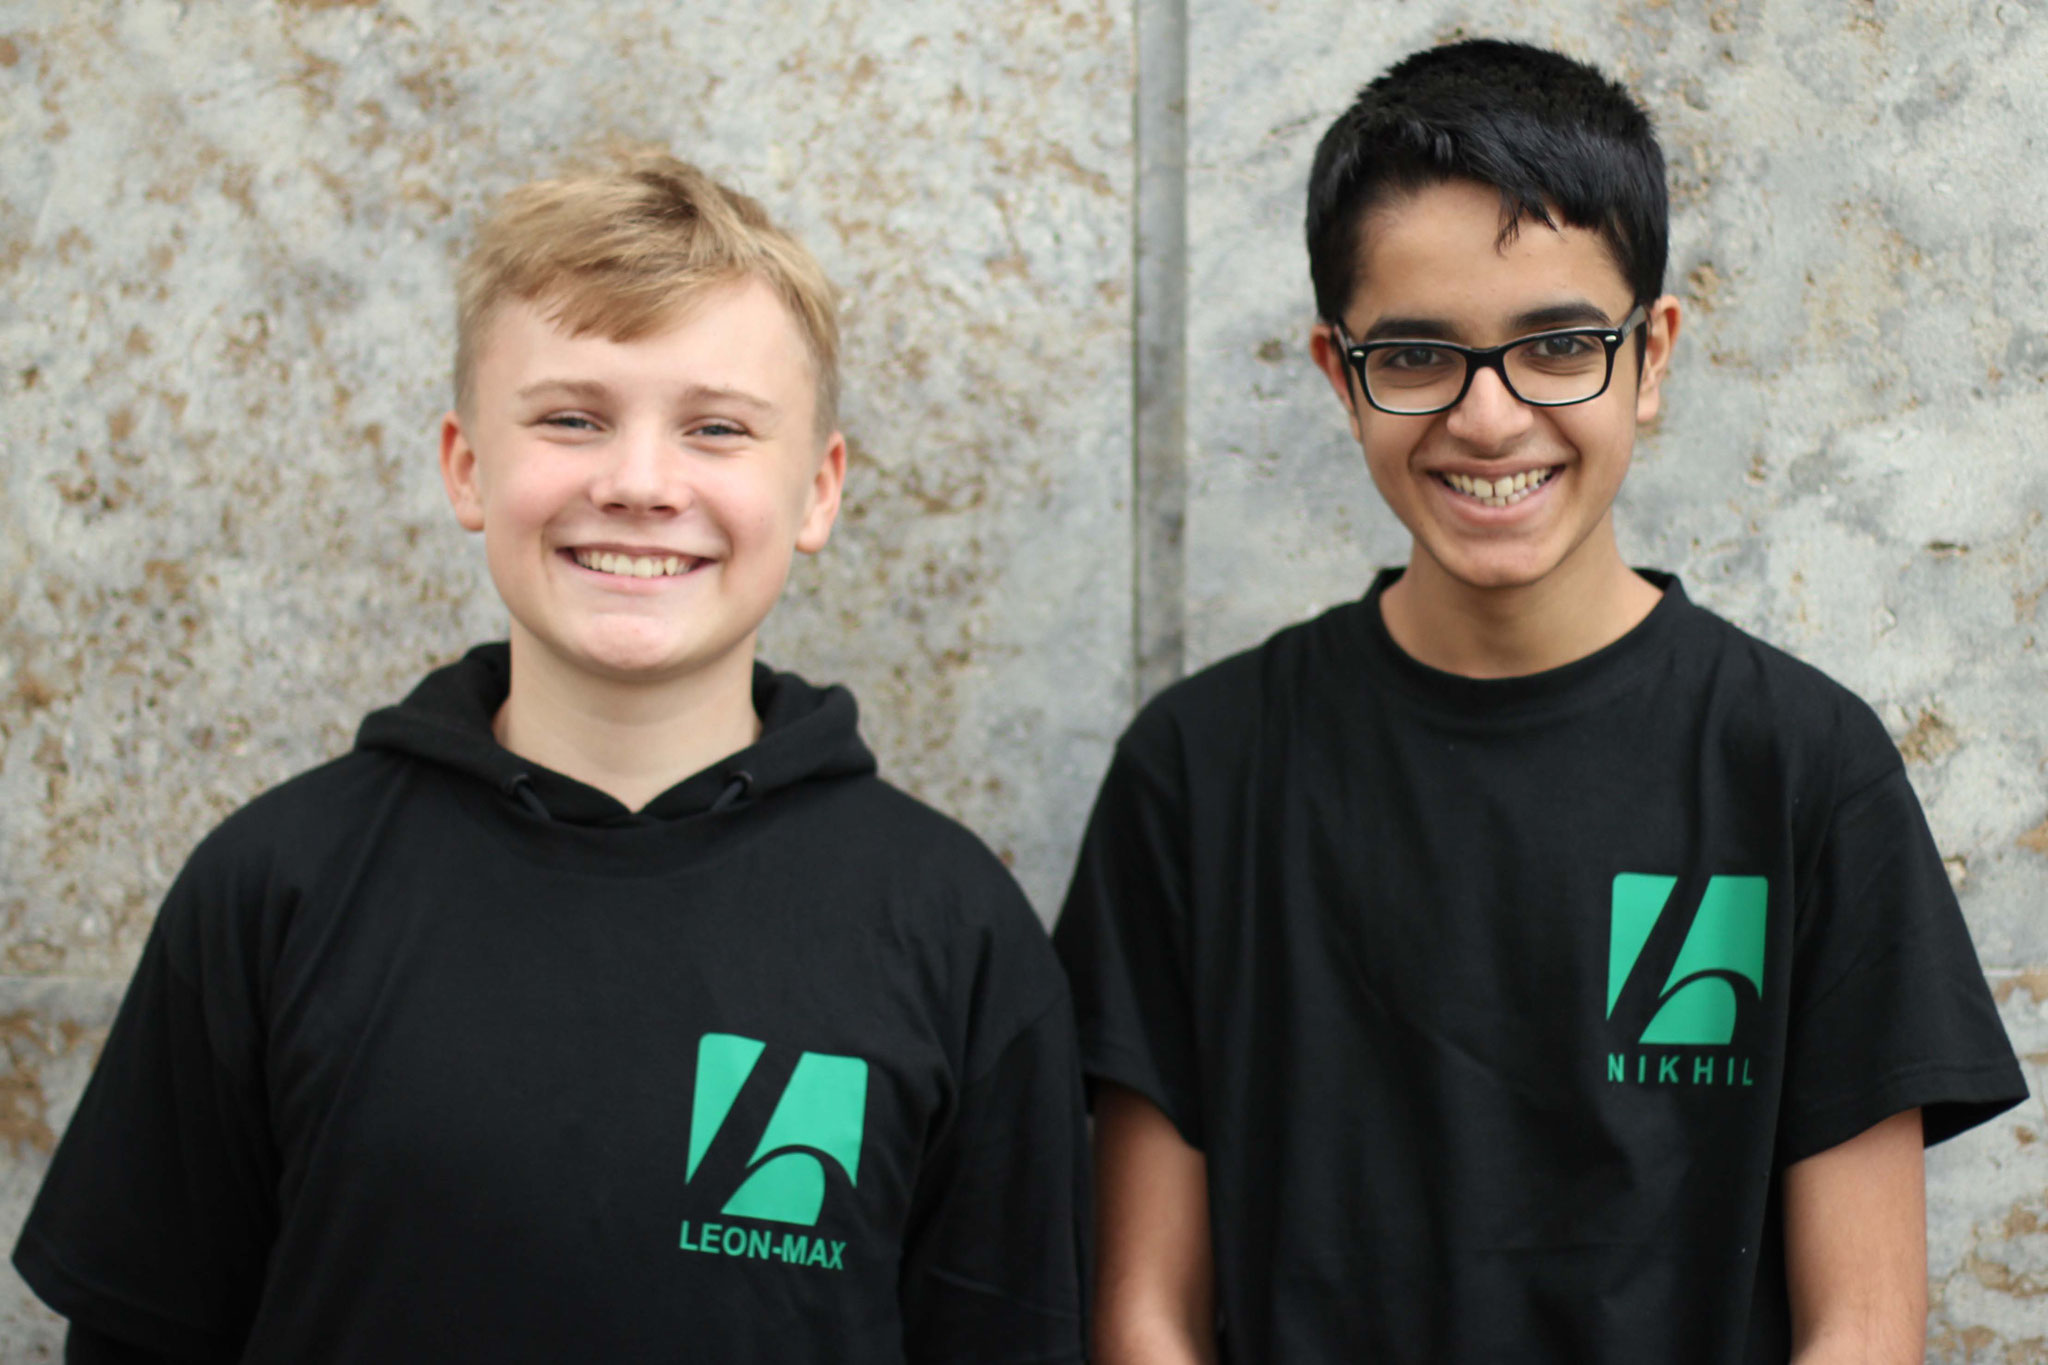 Team Leon und Nikhil